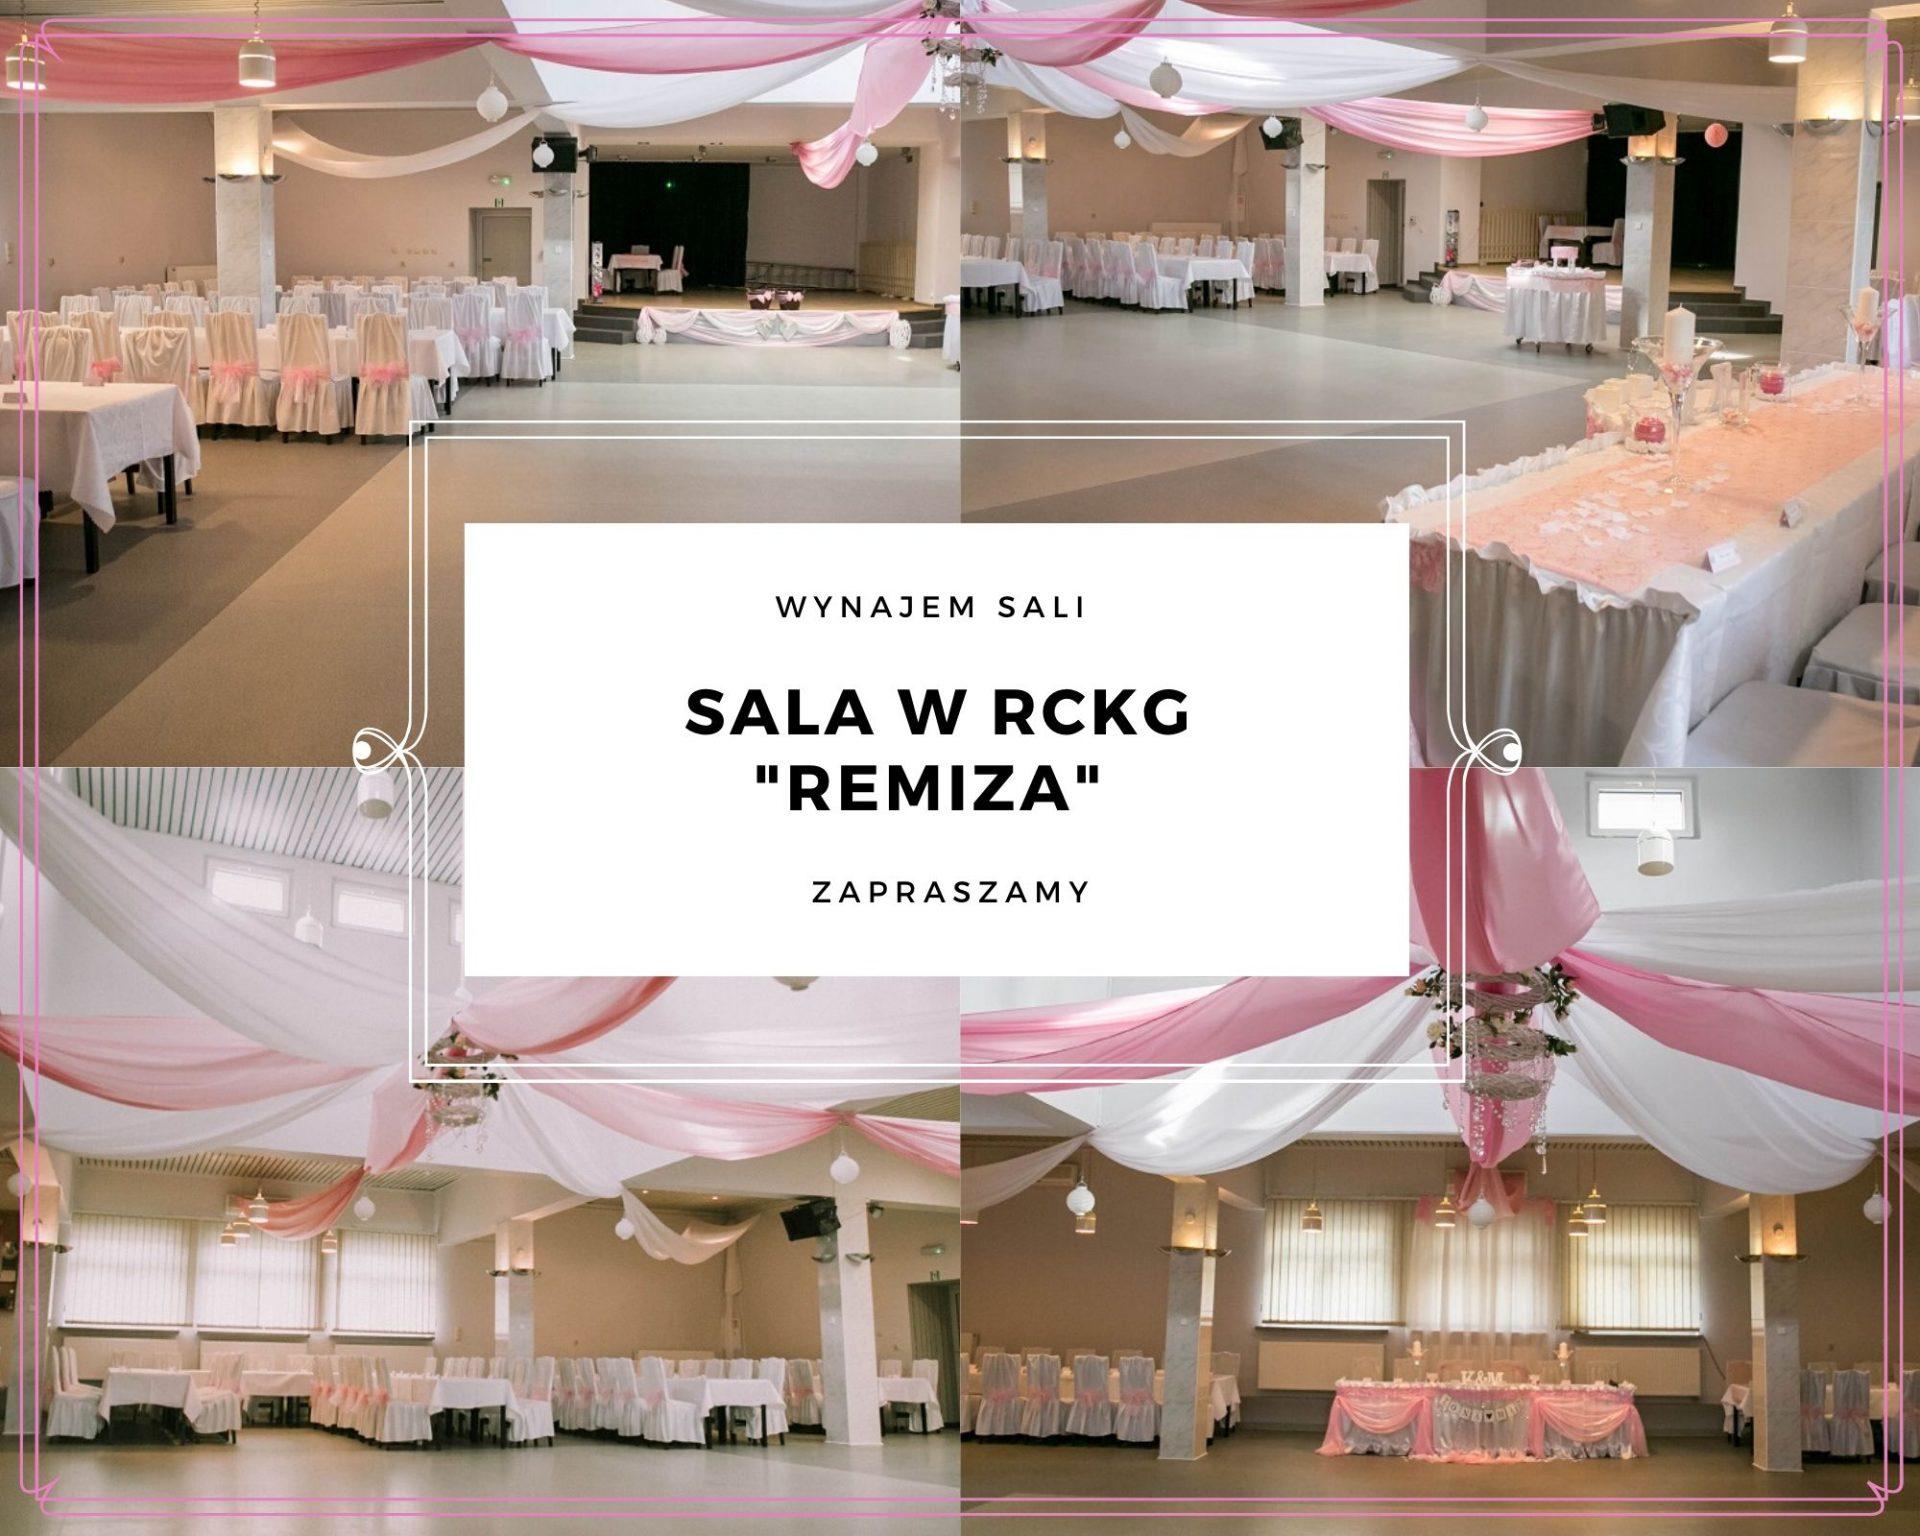 Kolaż ze zdjęć przedstawiający udekorowaną salę w RCKG Remiza